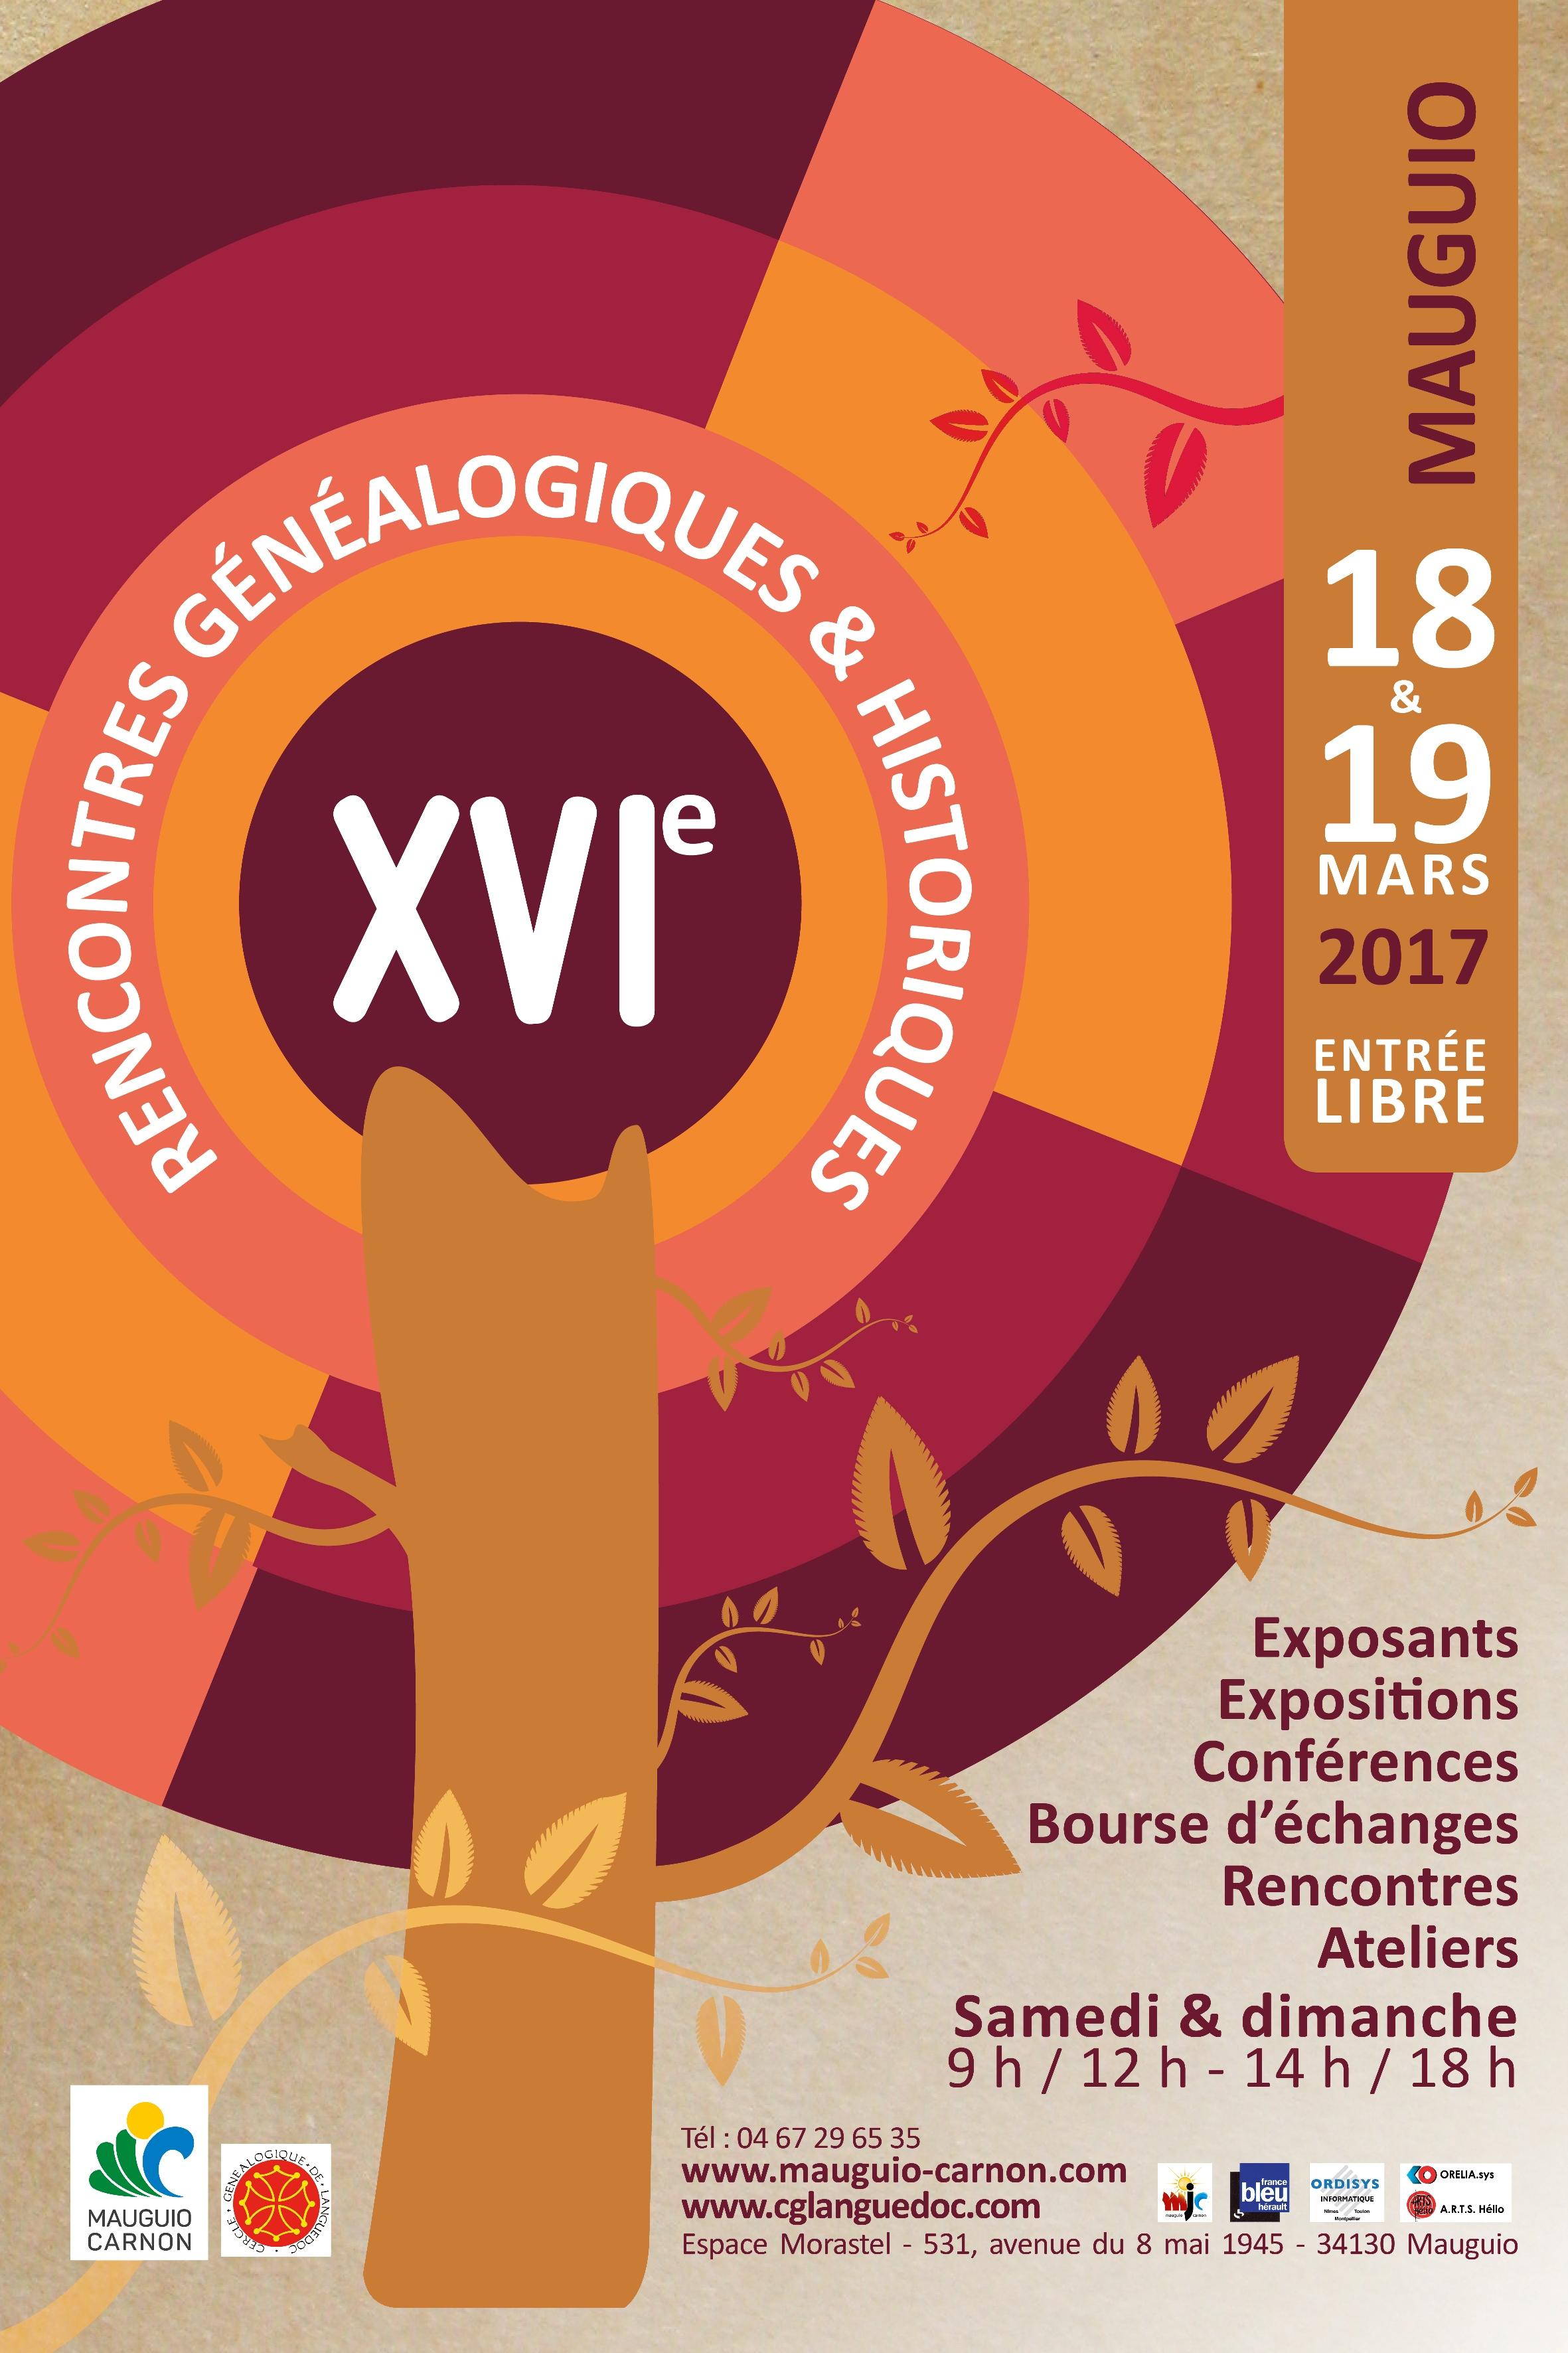 La Corse présente aux rencontres généalogiques de Mauguio-Carnon